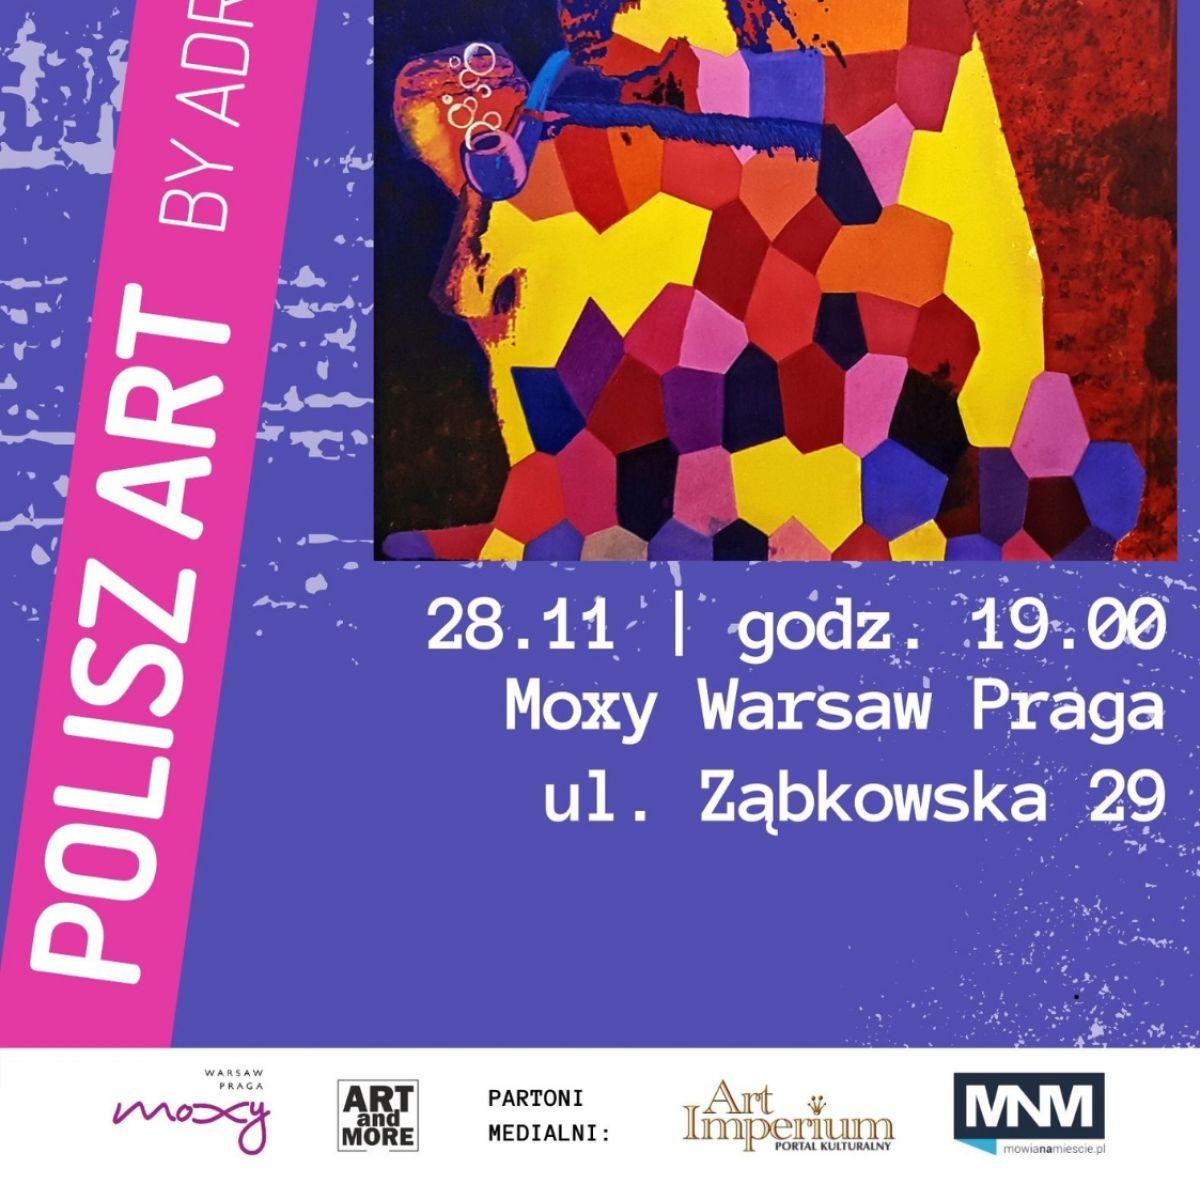 POLISZ ART by Adrian VOZNY  - artystyczny pop-up, czyli połączenie sztuki i zabawy